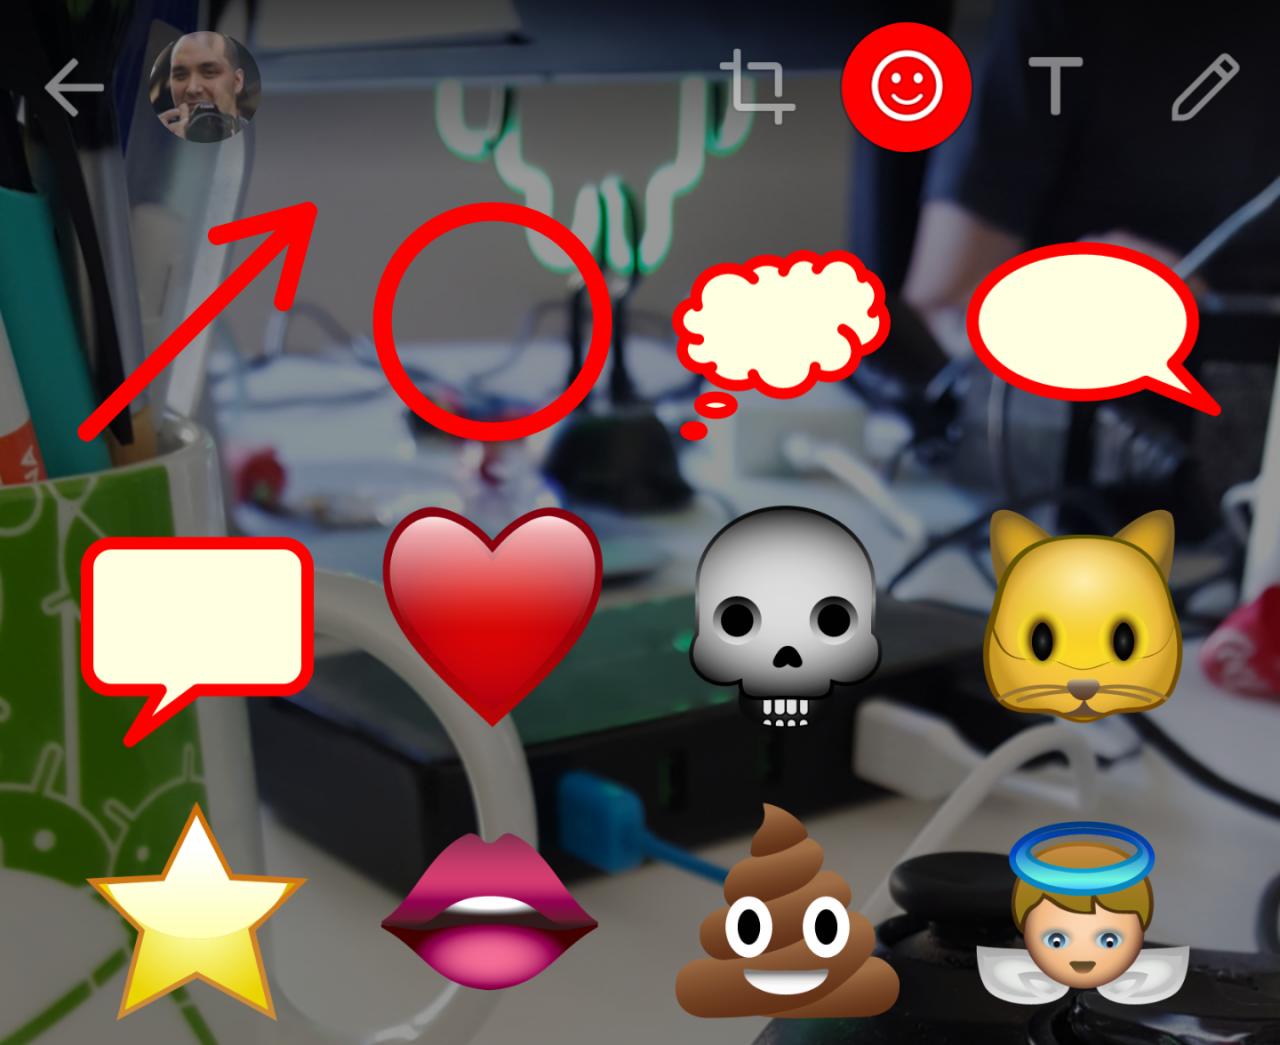 Avete provato i tool per disegnare sulle foto in WhatsApp beta? (aggiornato: flash per i selfie)